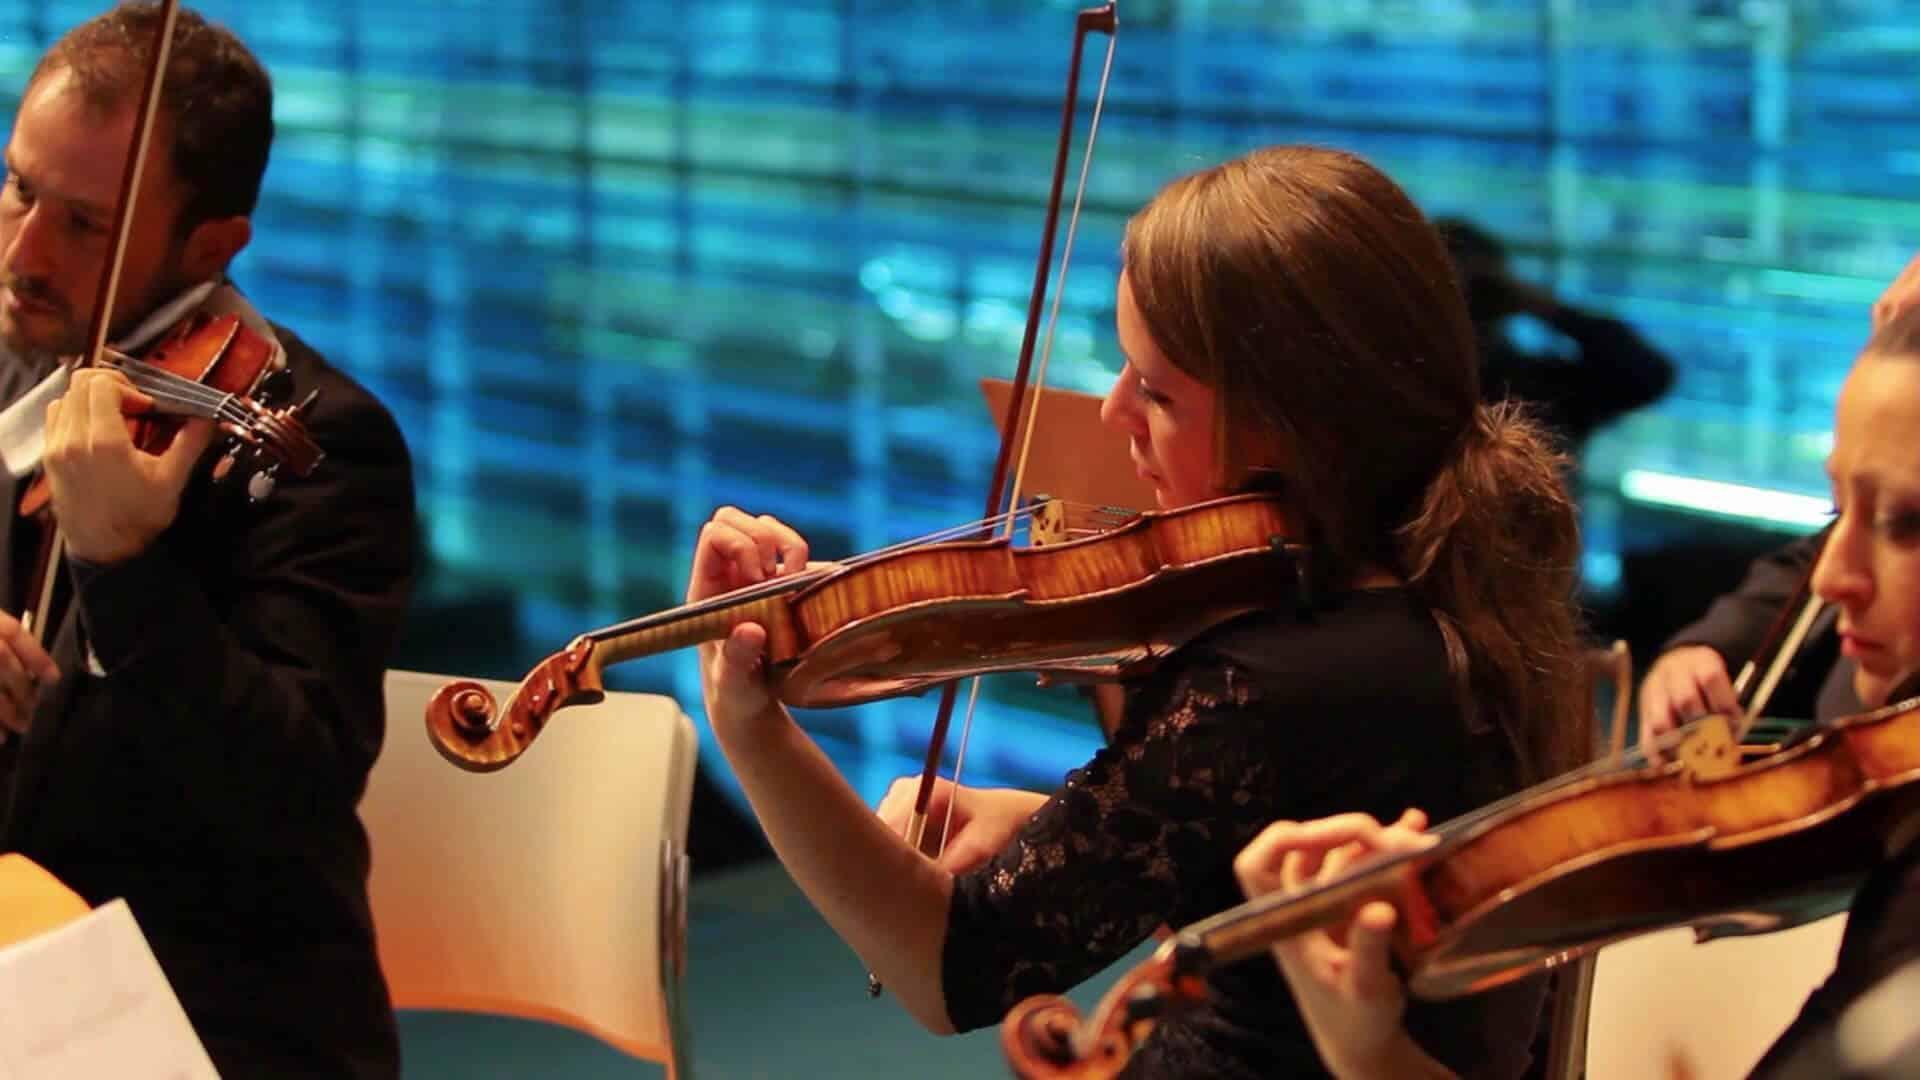 La productora audiovisual de Alicante Producciones GDP llevó a cabo el vídeo promocional de la Orquesta de Cámara Solistas Mediterráneos.